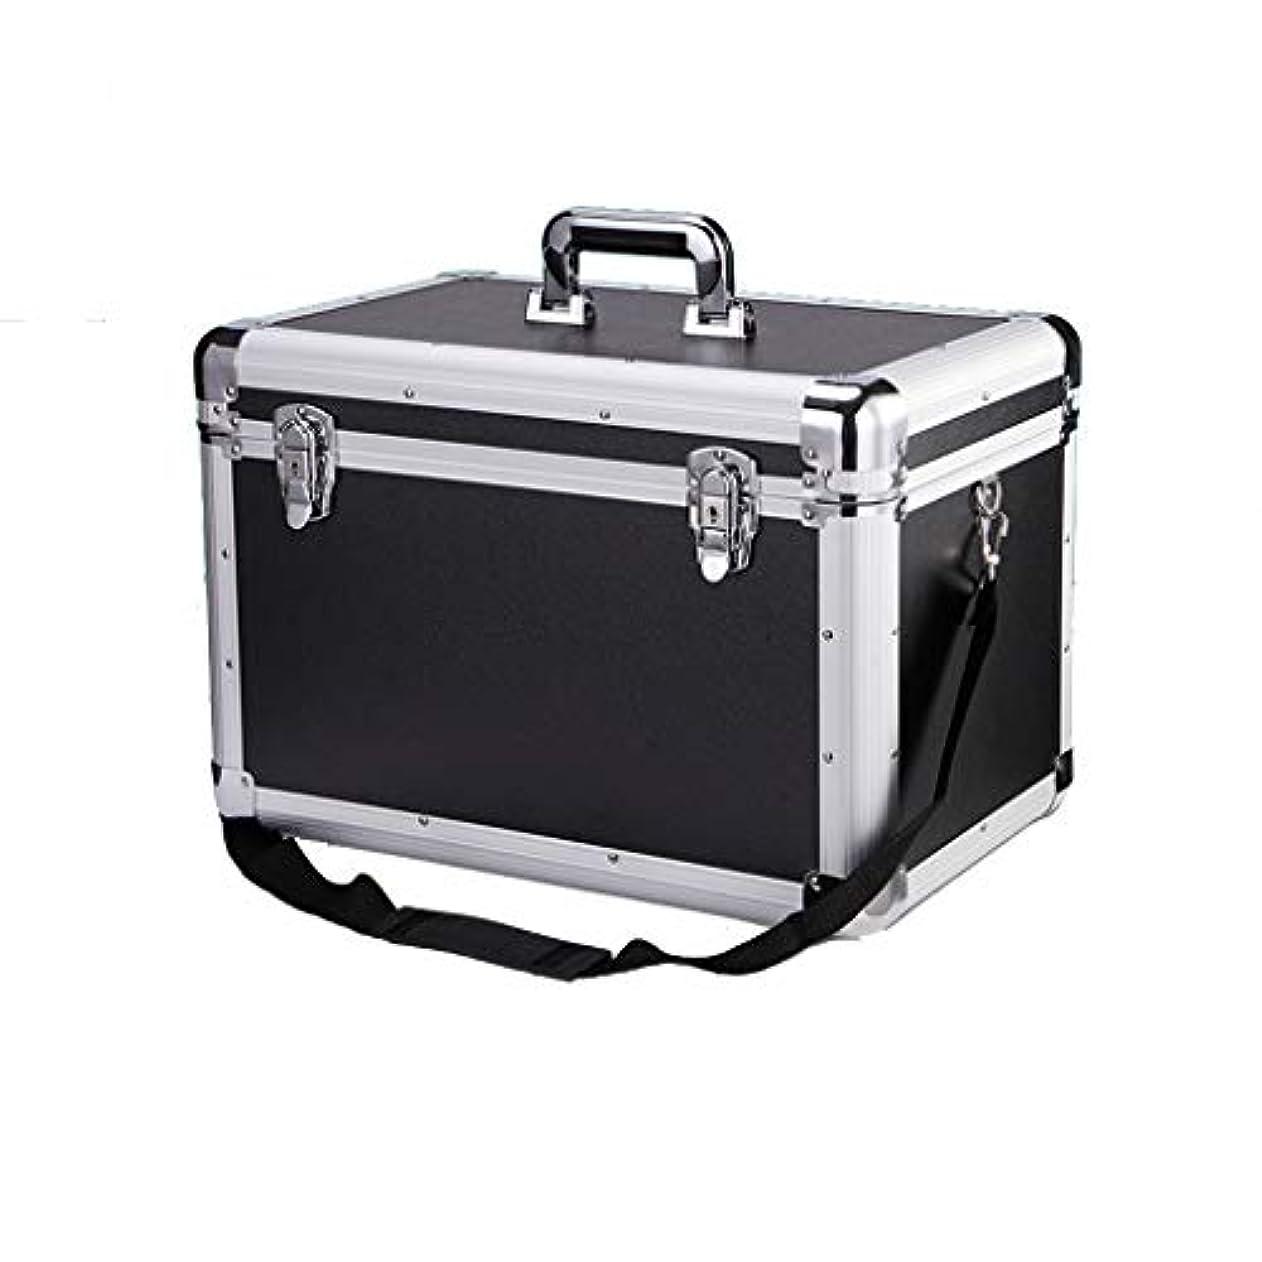 ナプキンエレメンタル履歴書Djyyh 医療用ケースロック可能な薬品箱、オーガナイザーコンパートメント付き小さな医療用ロック箱、チャイルドプルーフ処方収納ボックス